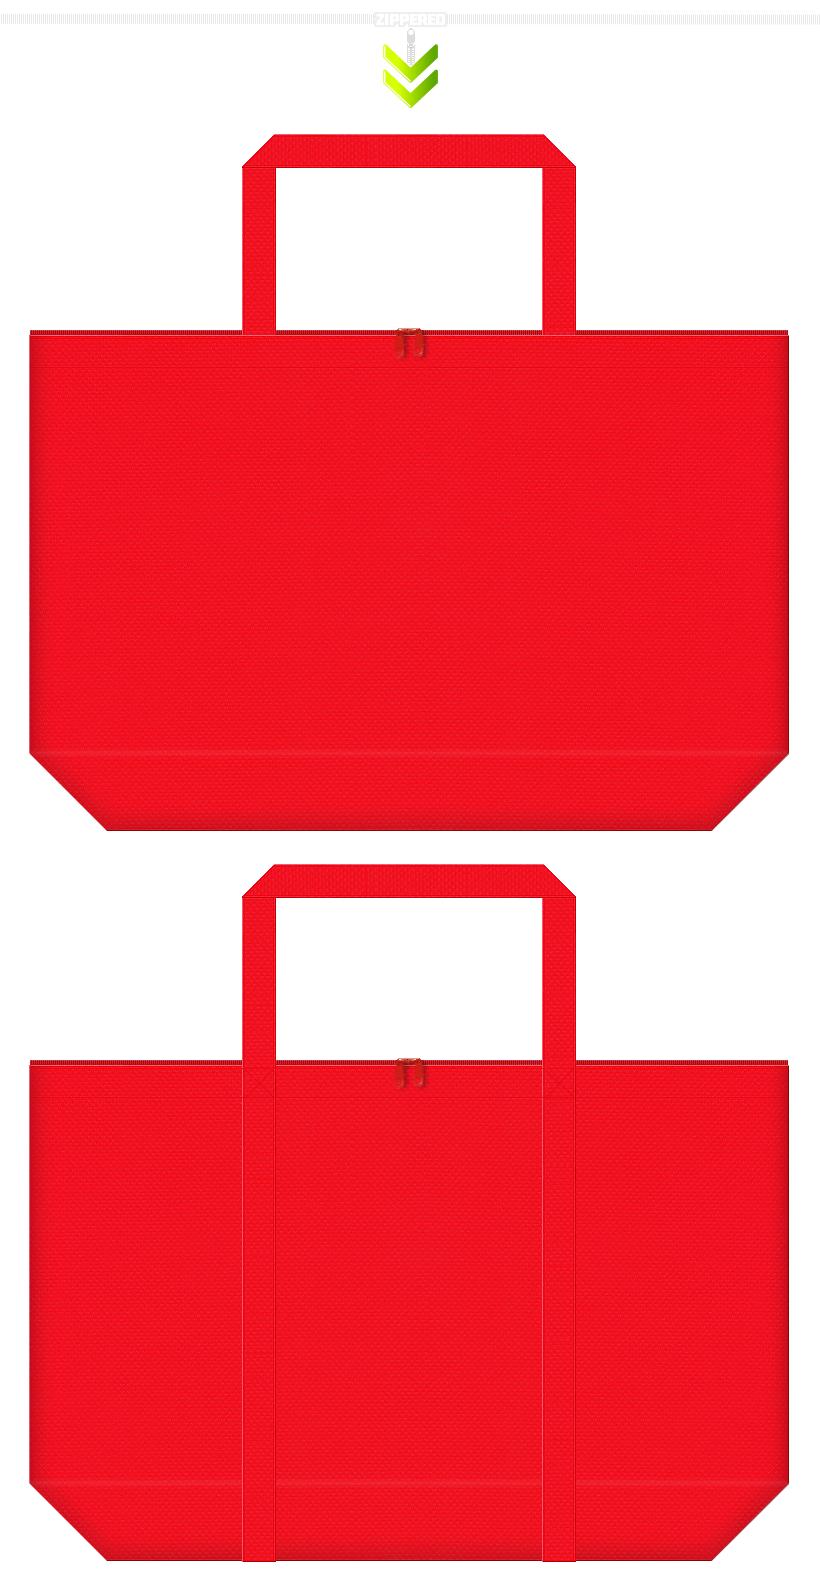 ファスナー付きの赤色不織布バッグ